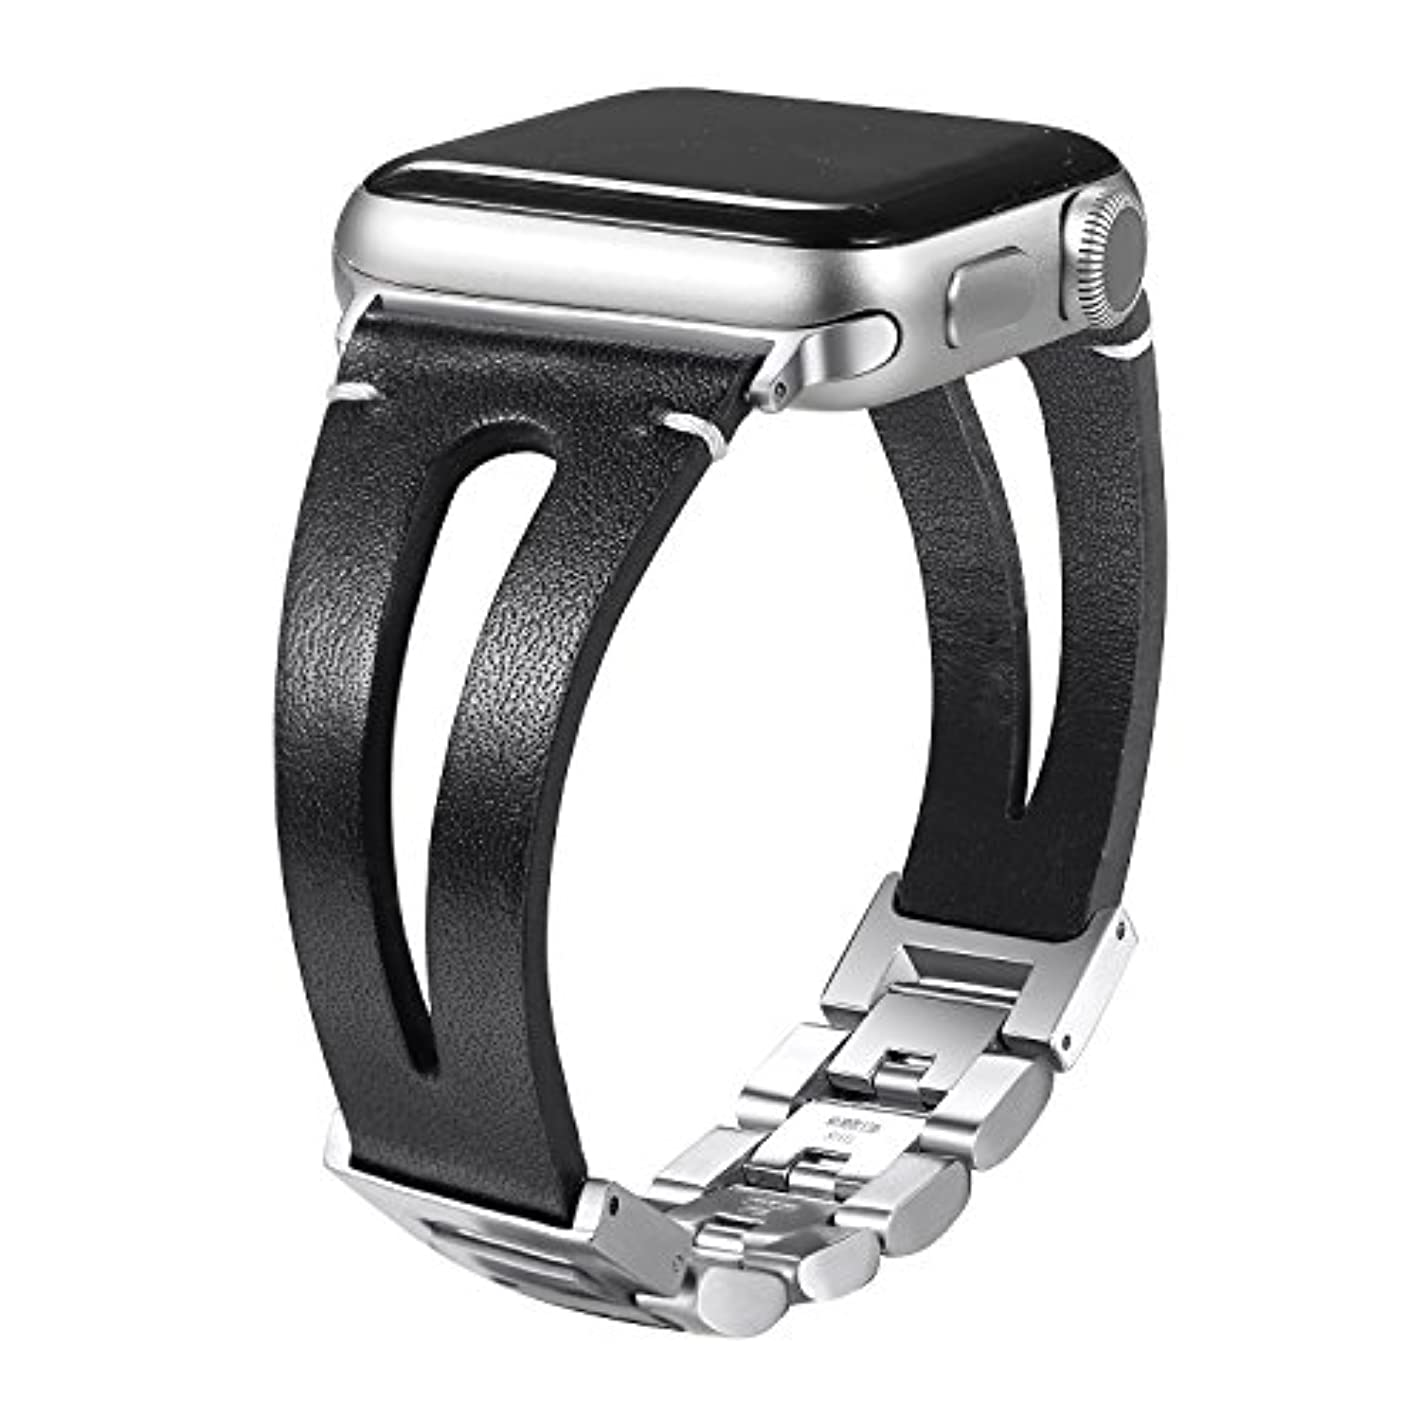 ゲームアプライアンス用語集secbolt用レザーバンドApple Watchバンド38 mm 42 mmハンドメイドヴィンテージレザーブレスレットストラップfor Apple Watch Nike +シリーズ、3シリーズ2、シリーズ1、スポーツ、Edition、調節可能なスチールクラスプ付き